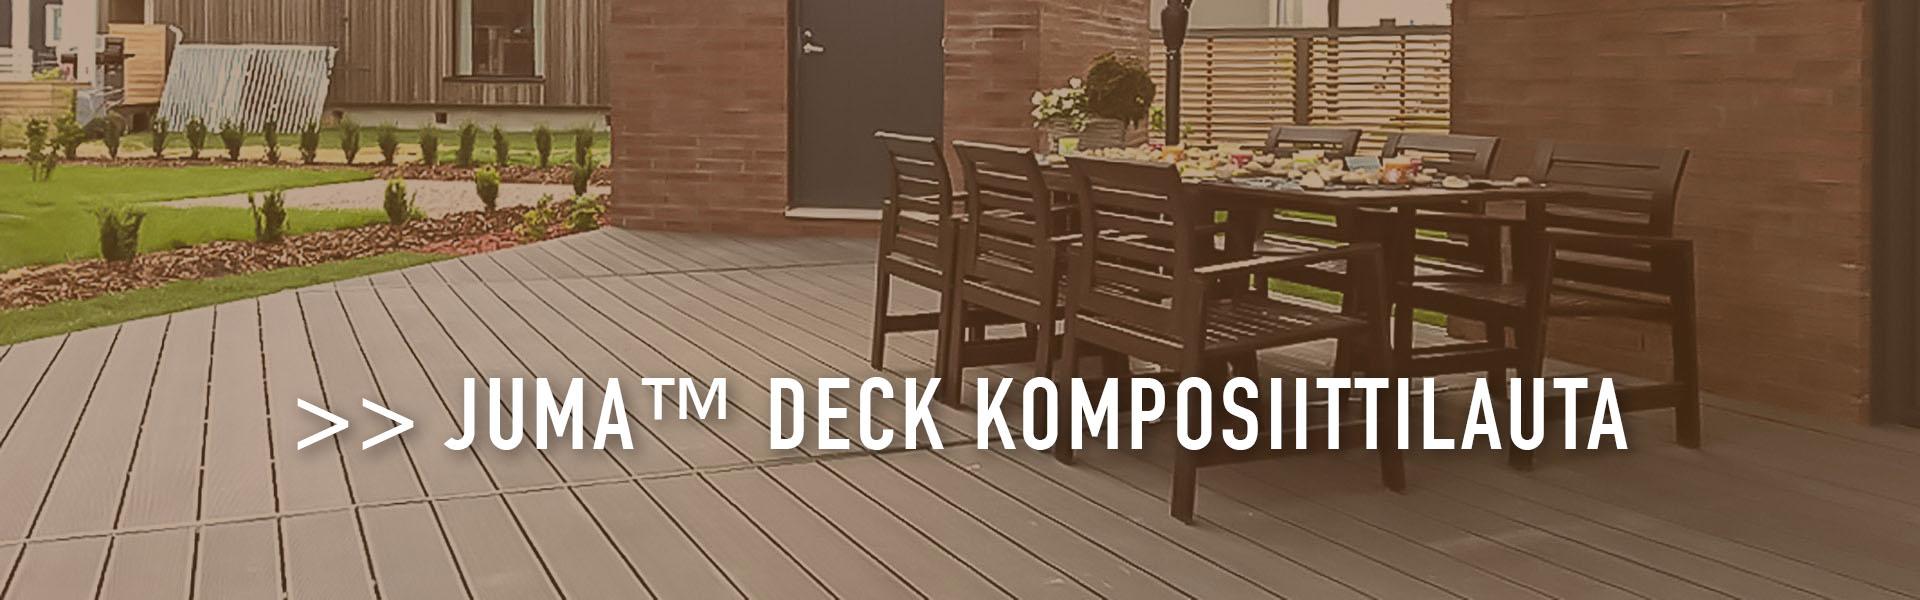 JUMA™ Deck komposiittilauta - patiot mittatilaustyönä